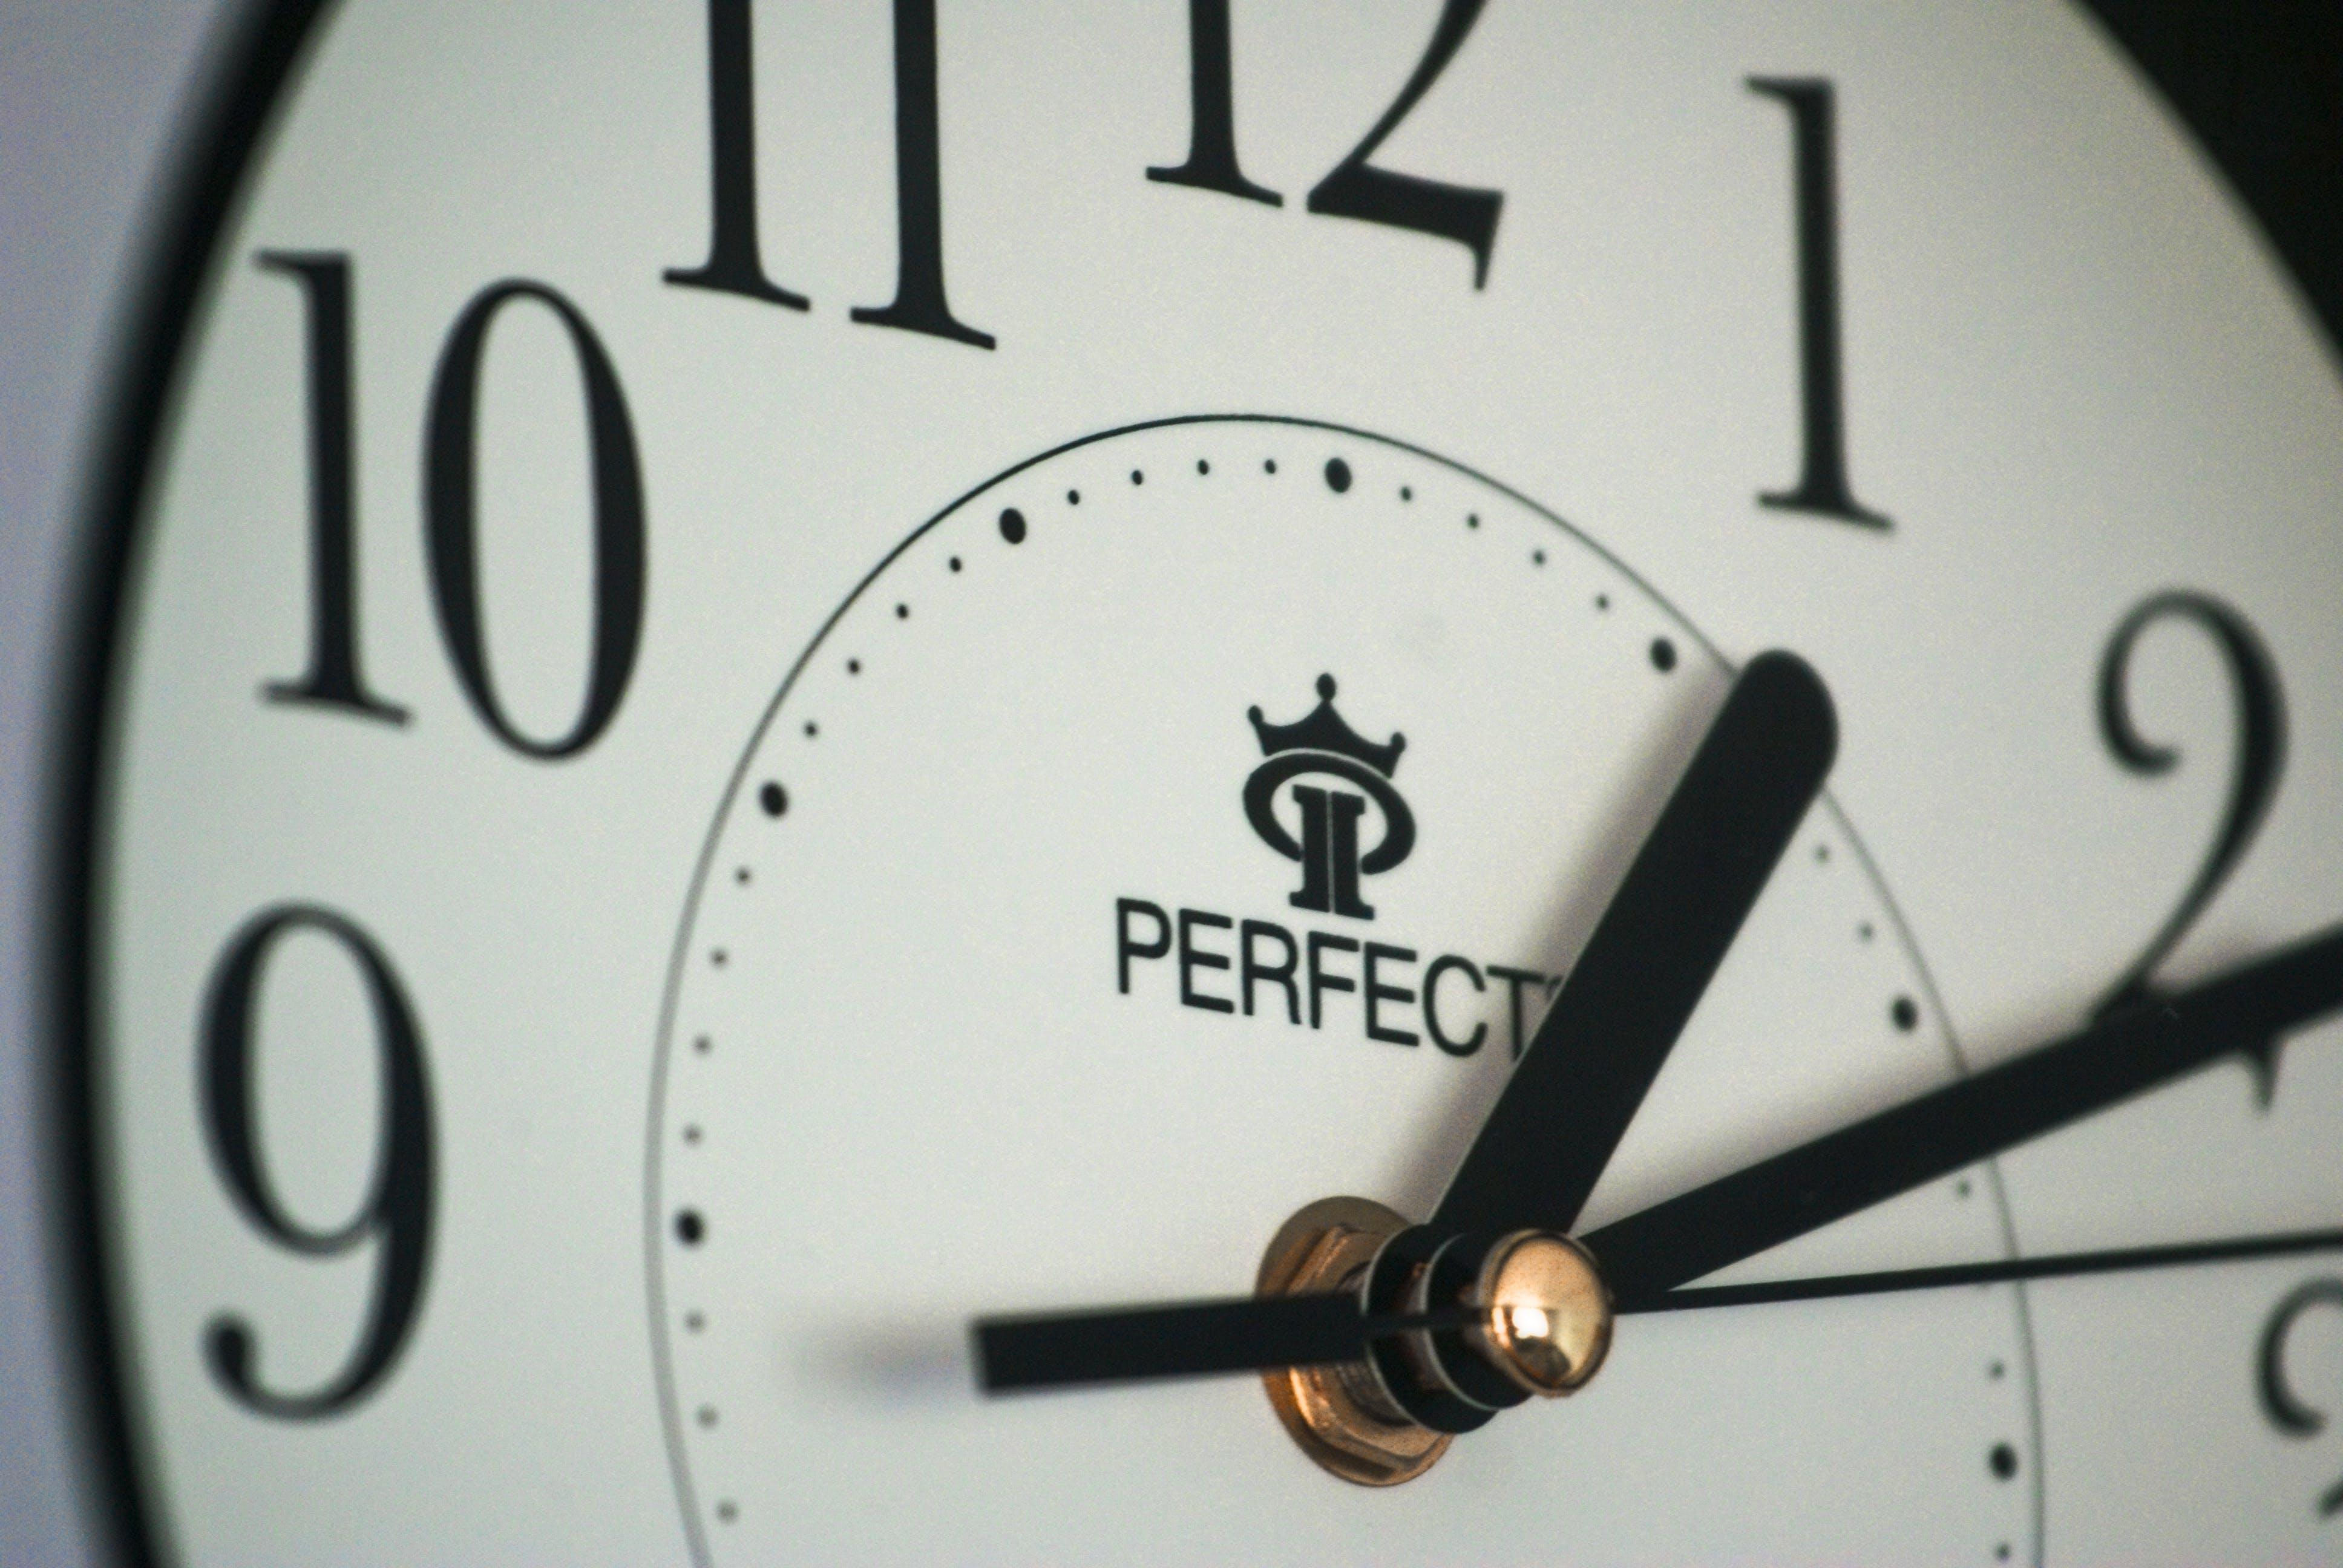 Clock at 1:11